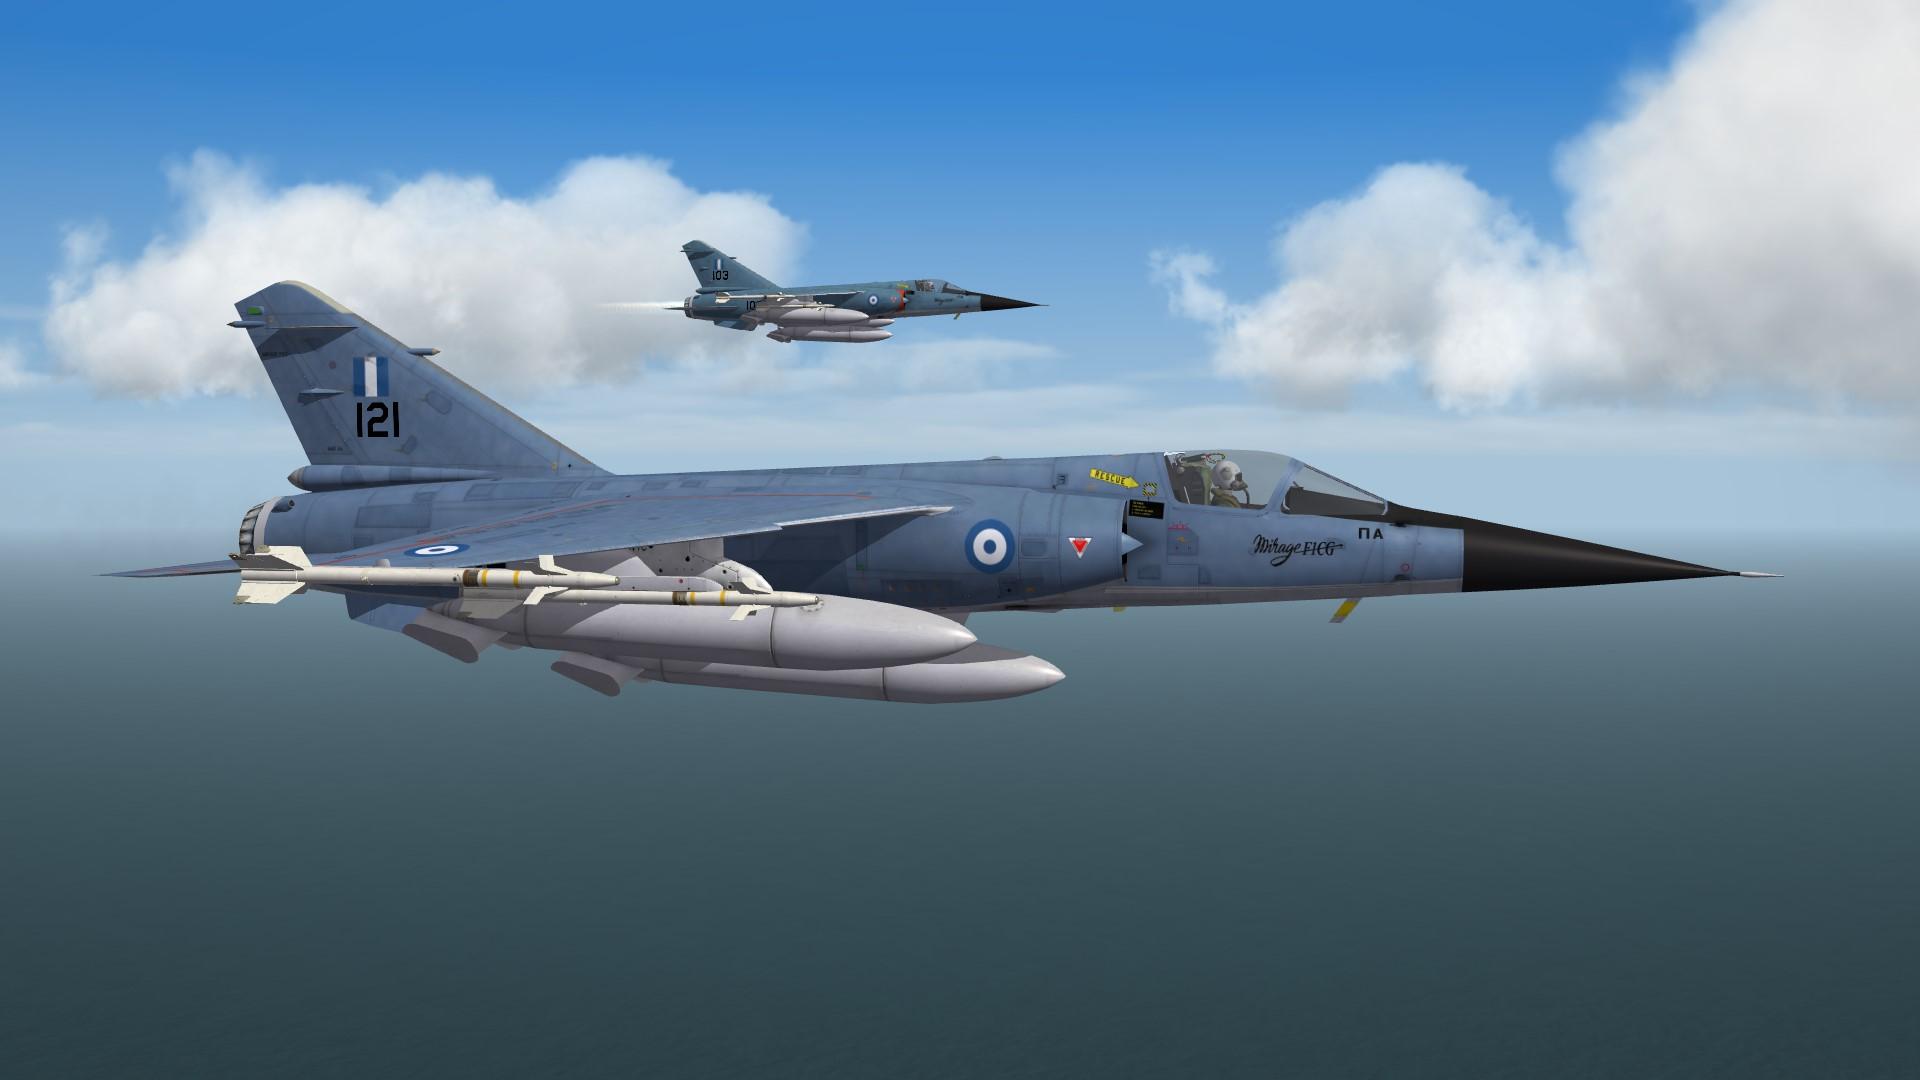 Σαν σήμερα ο πιλότος Mirage F1CG Νίκος Σιαλμάς πέρασε στο πάνθεον των Ηρώων